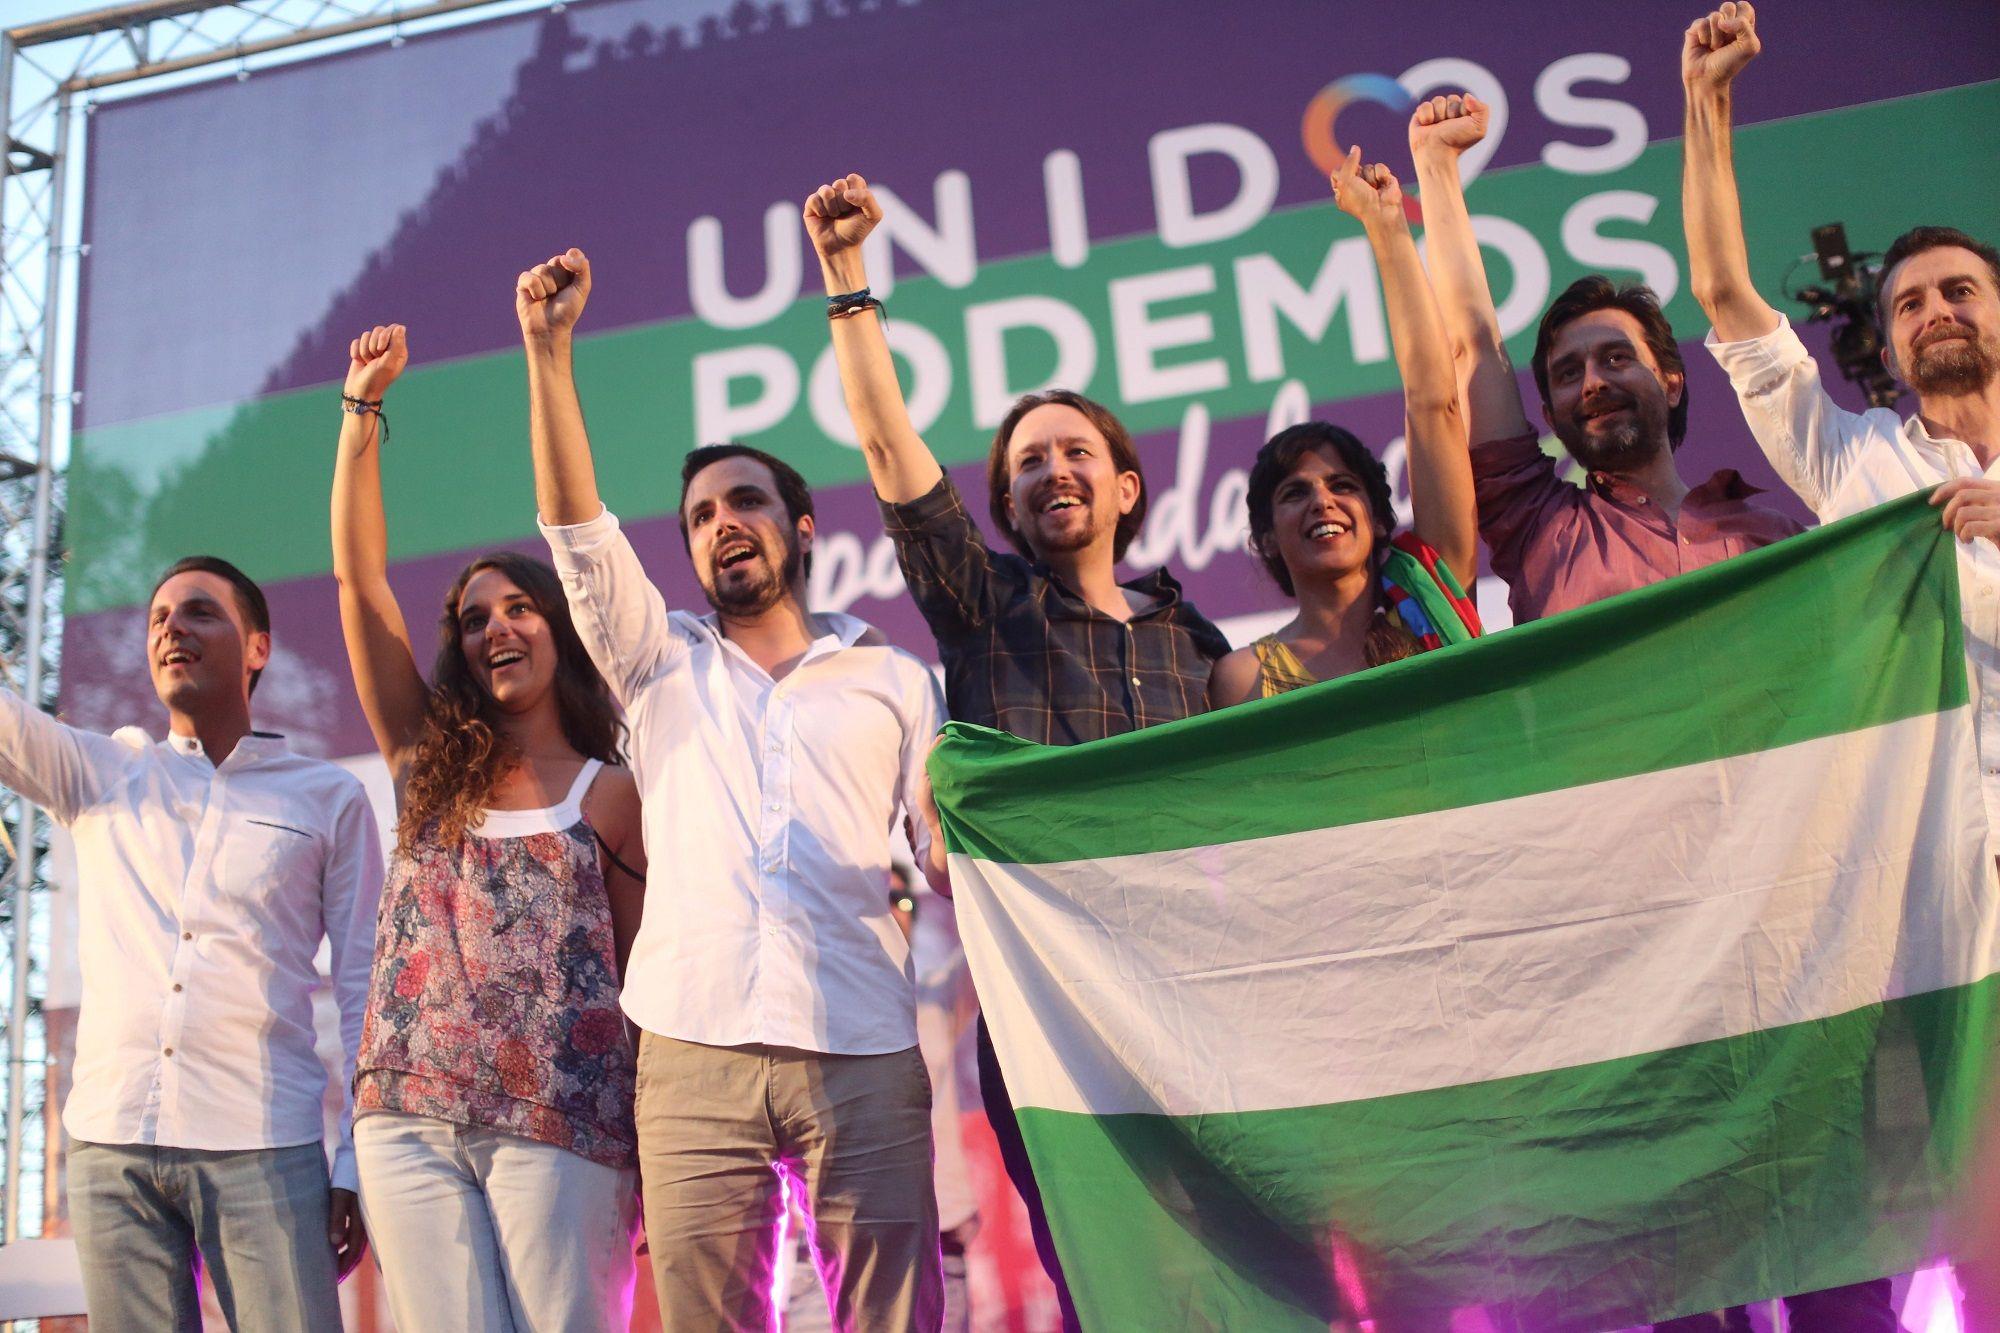 Los líderes Unidos Podemos alzan sus brazos en Jerez de la Frontera |23 jun 2016 | Juan Carlos Corchado para MIRA Jerez